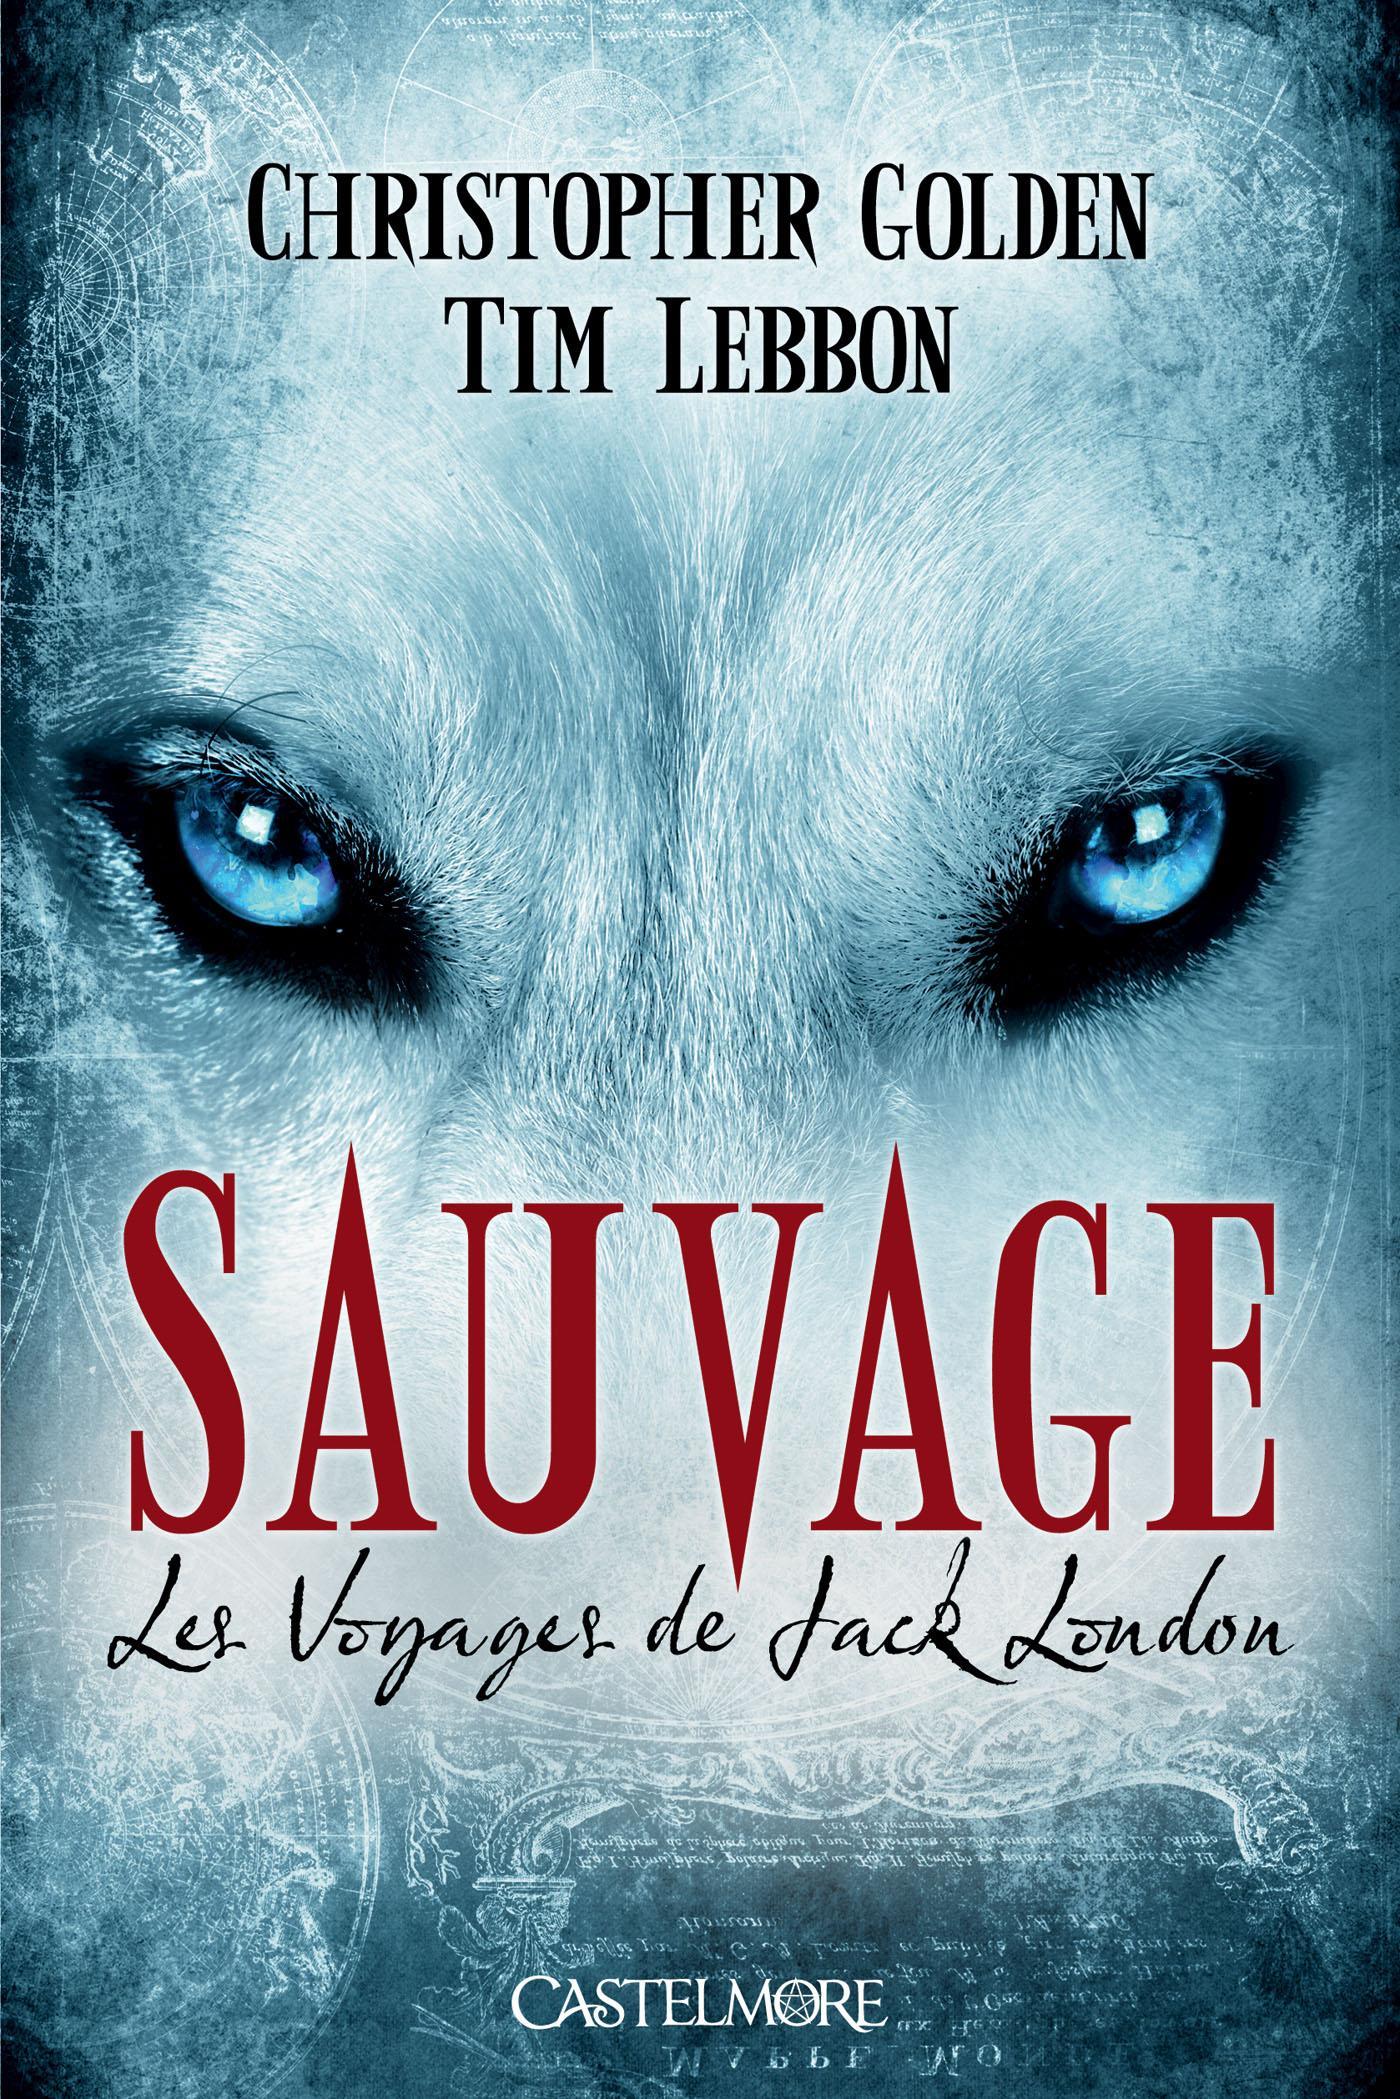 Sauvage, LES VOYAGES DE JACK LONDON, T1